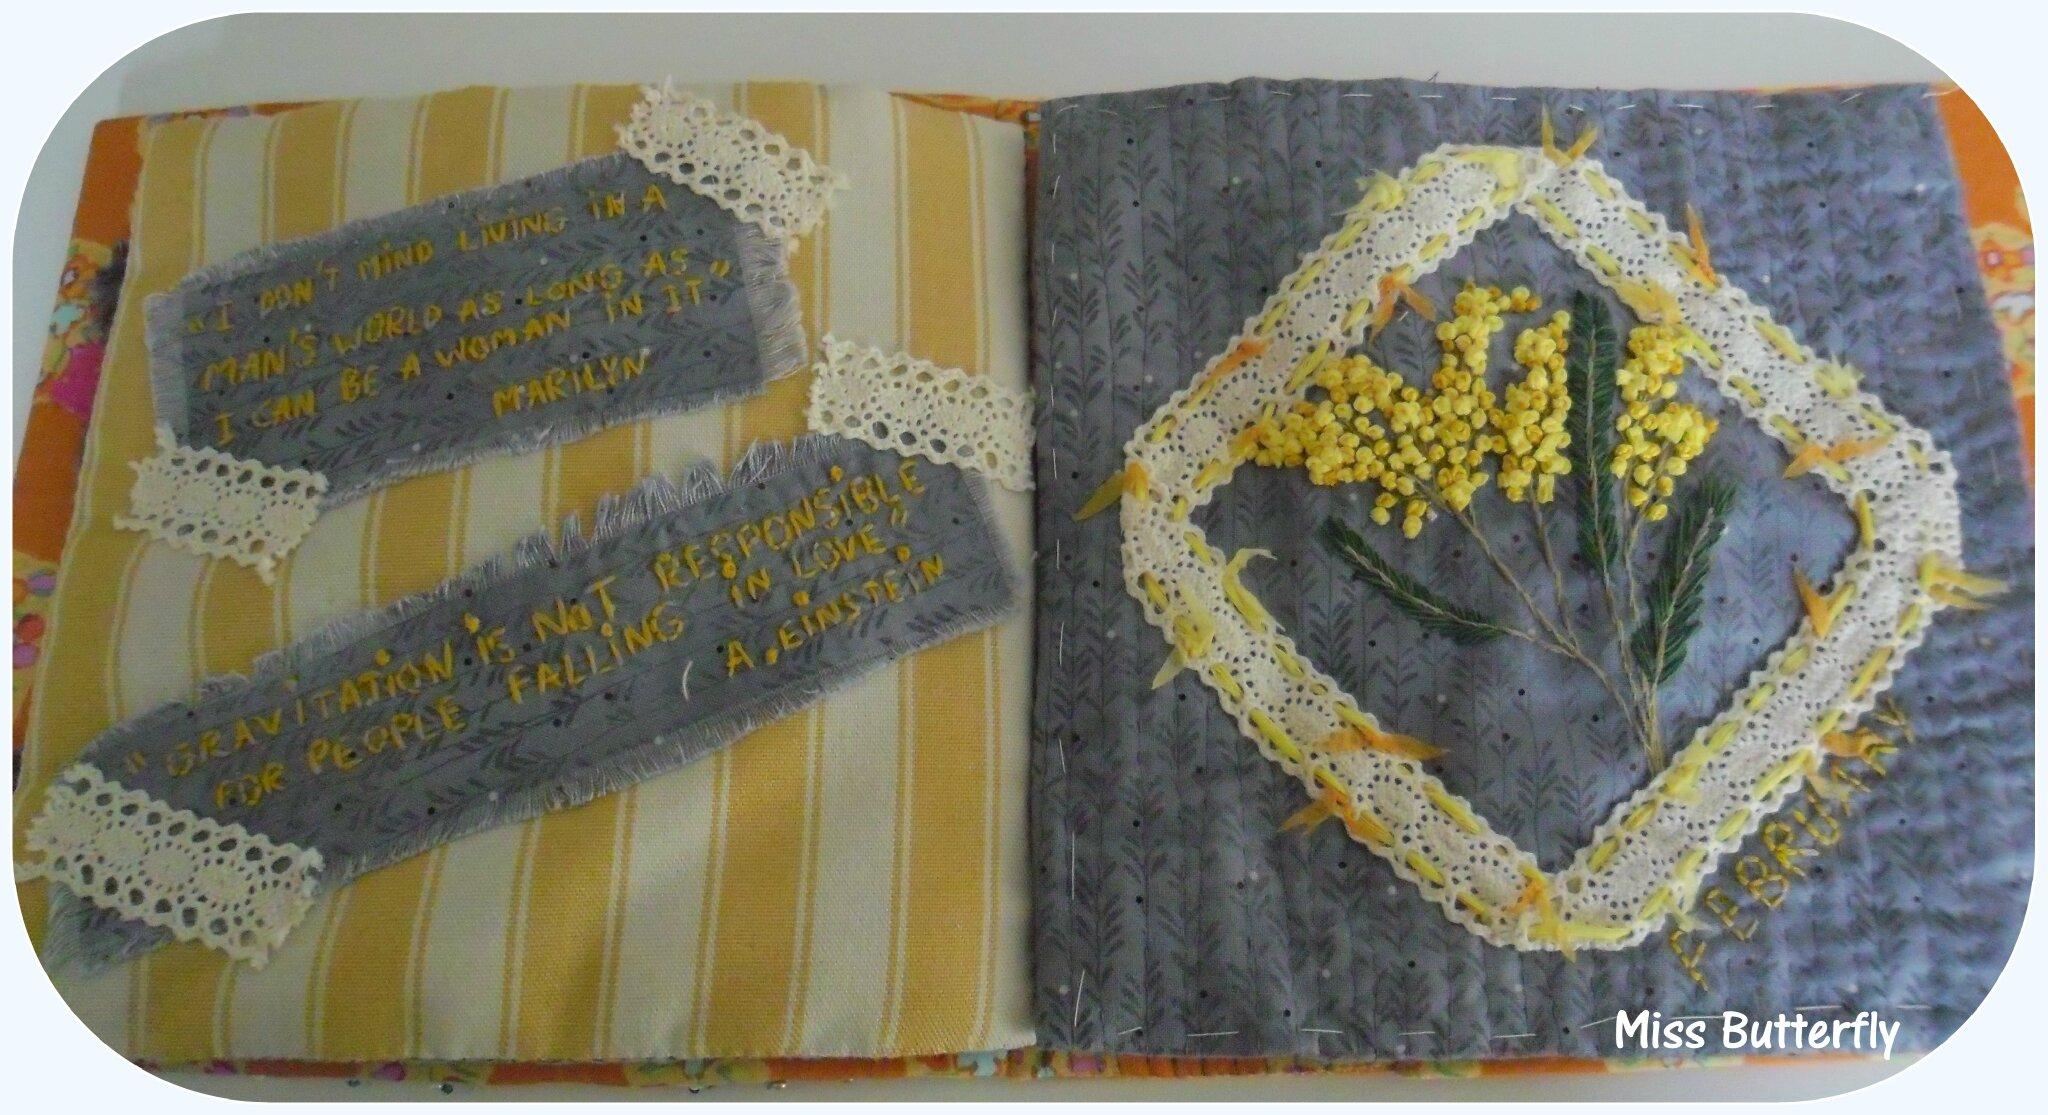 Carnet textile Les pages de février